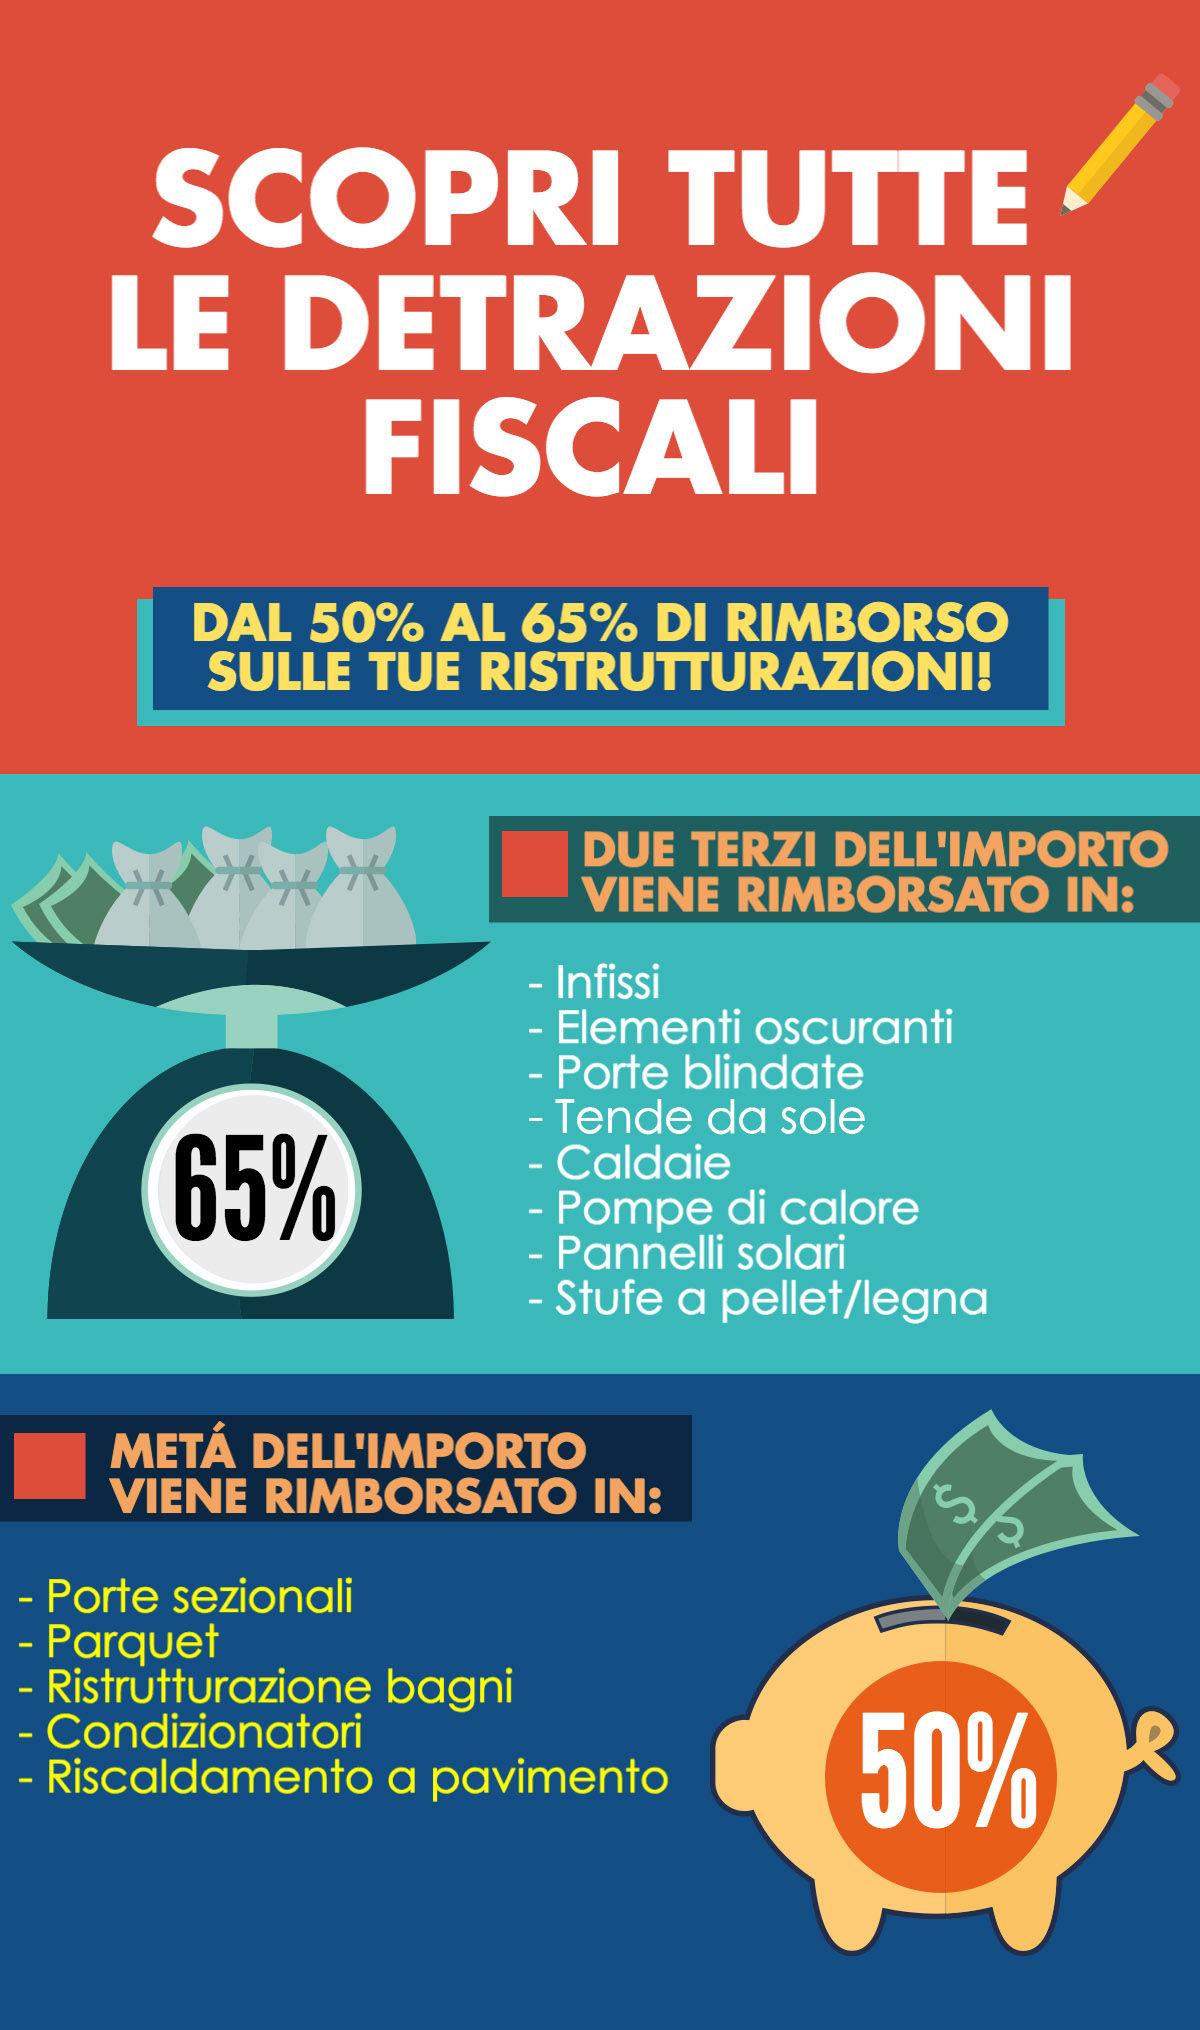 Detrazioni fiscali ristrutturazione edilizia 2017